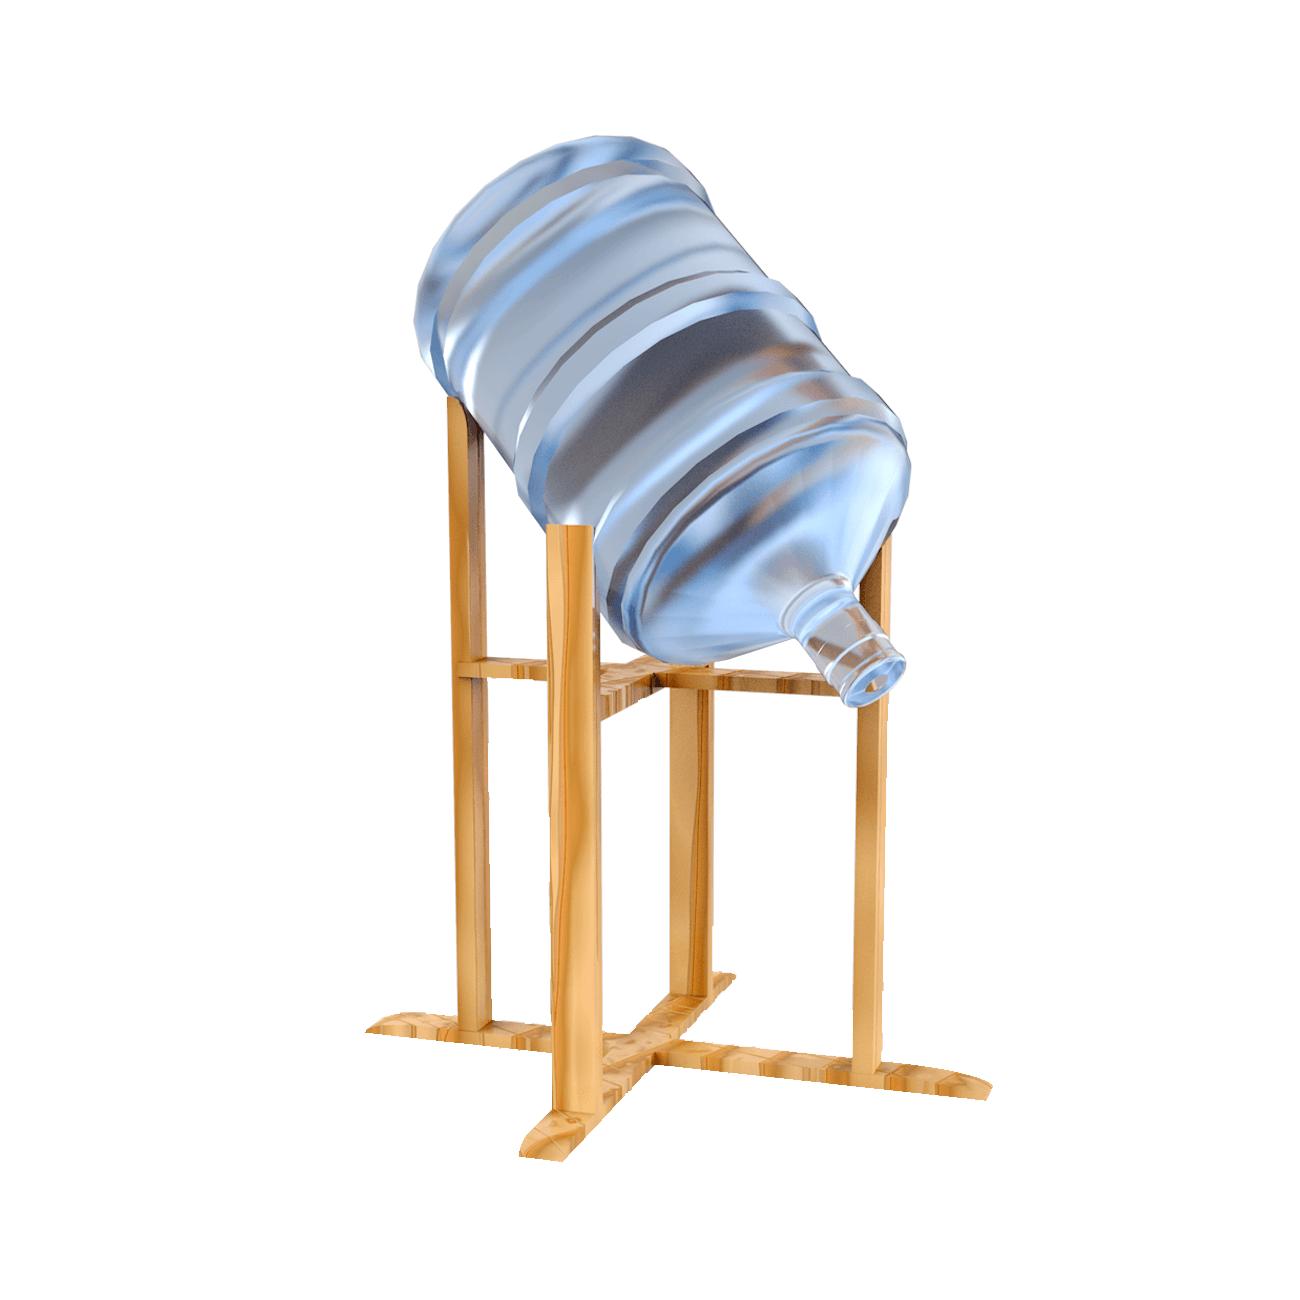 Подставки и полки - Наклонная подставка (деревянная, настольная)